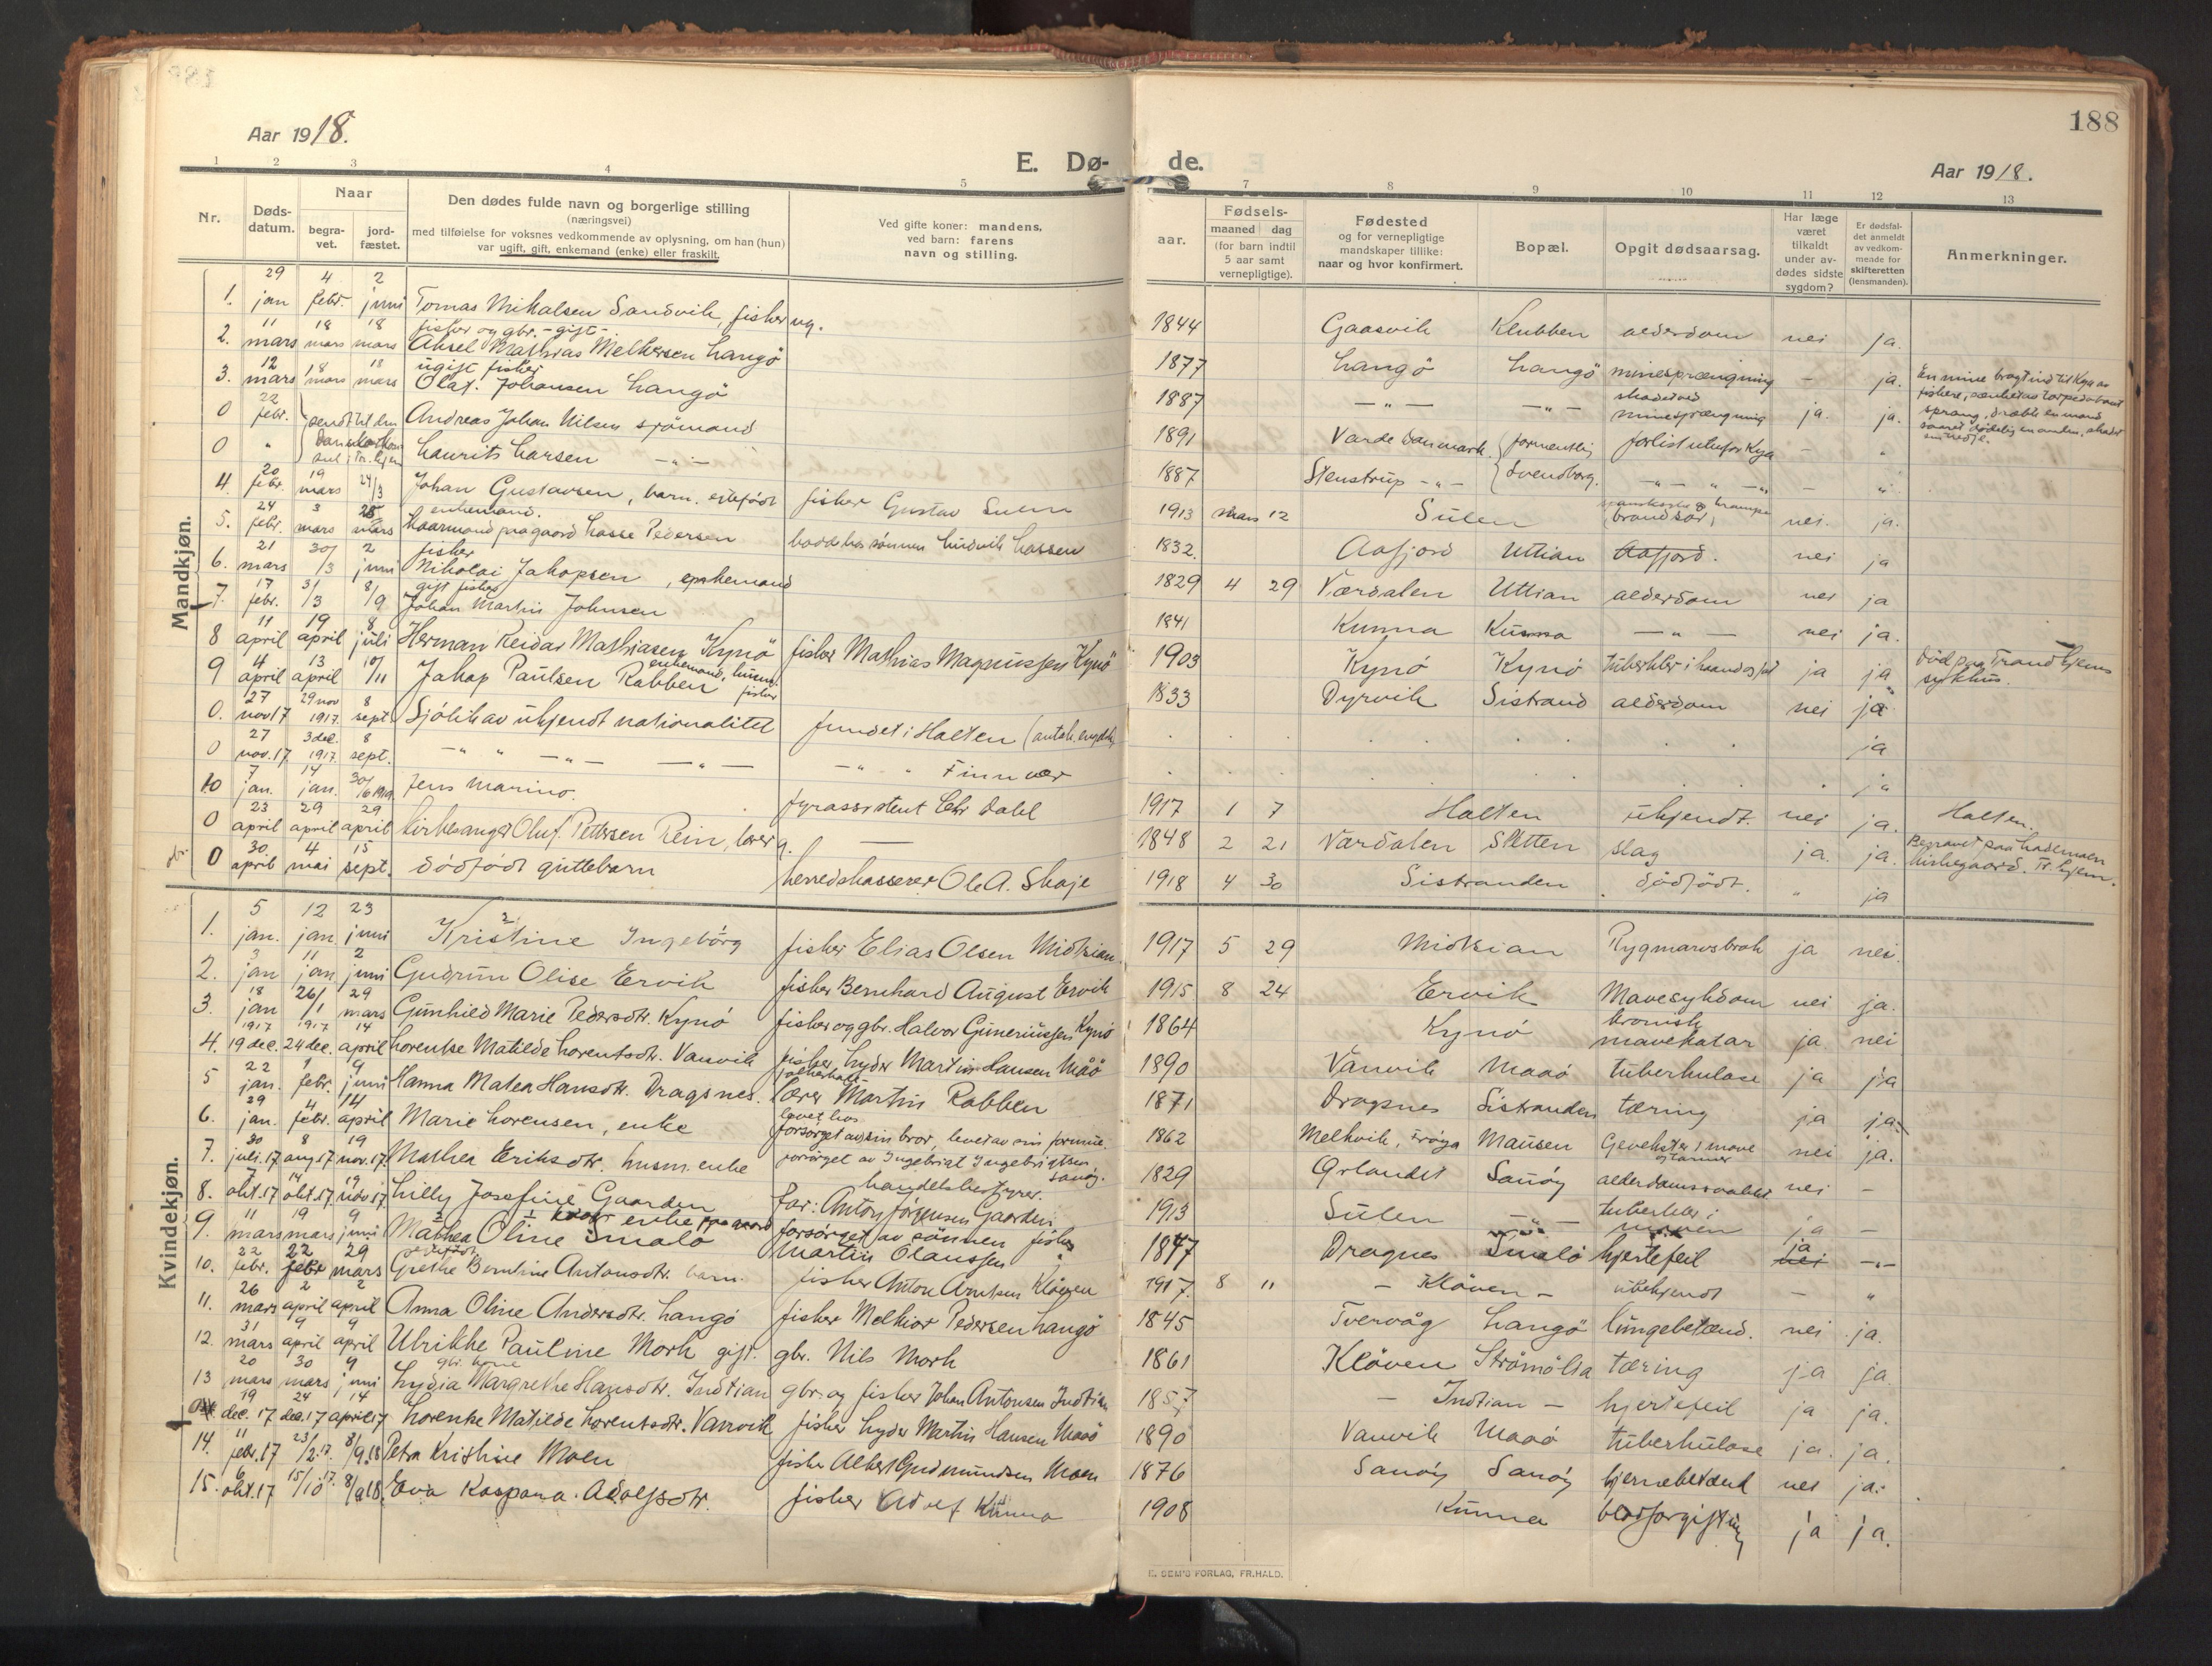 SAT, Ministerialprotokoller, klokkerbøker og fødselsregistre - Sør-Trøndelag, 640/L0581: Ministerialbok nr. 640A06, 1910-1924, s. 188